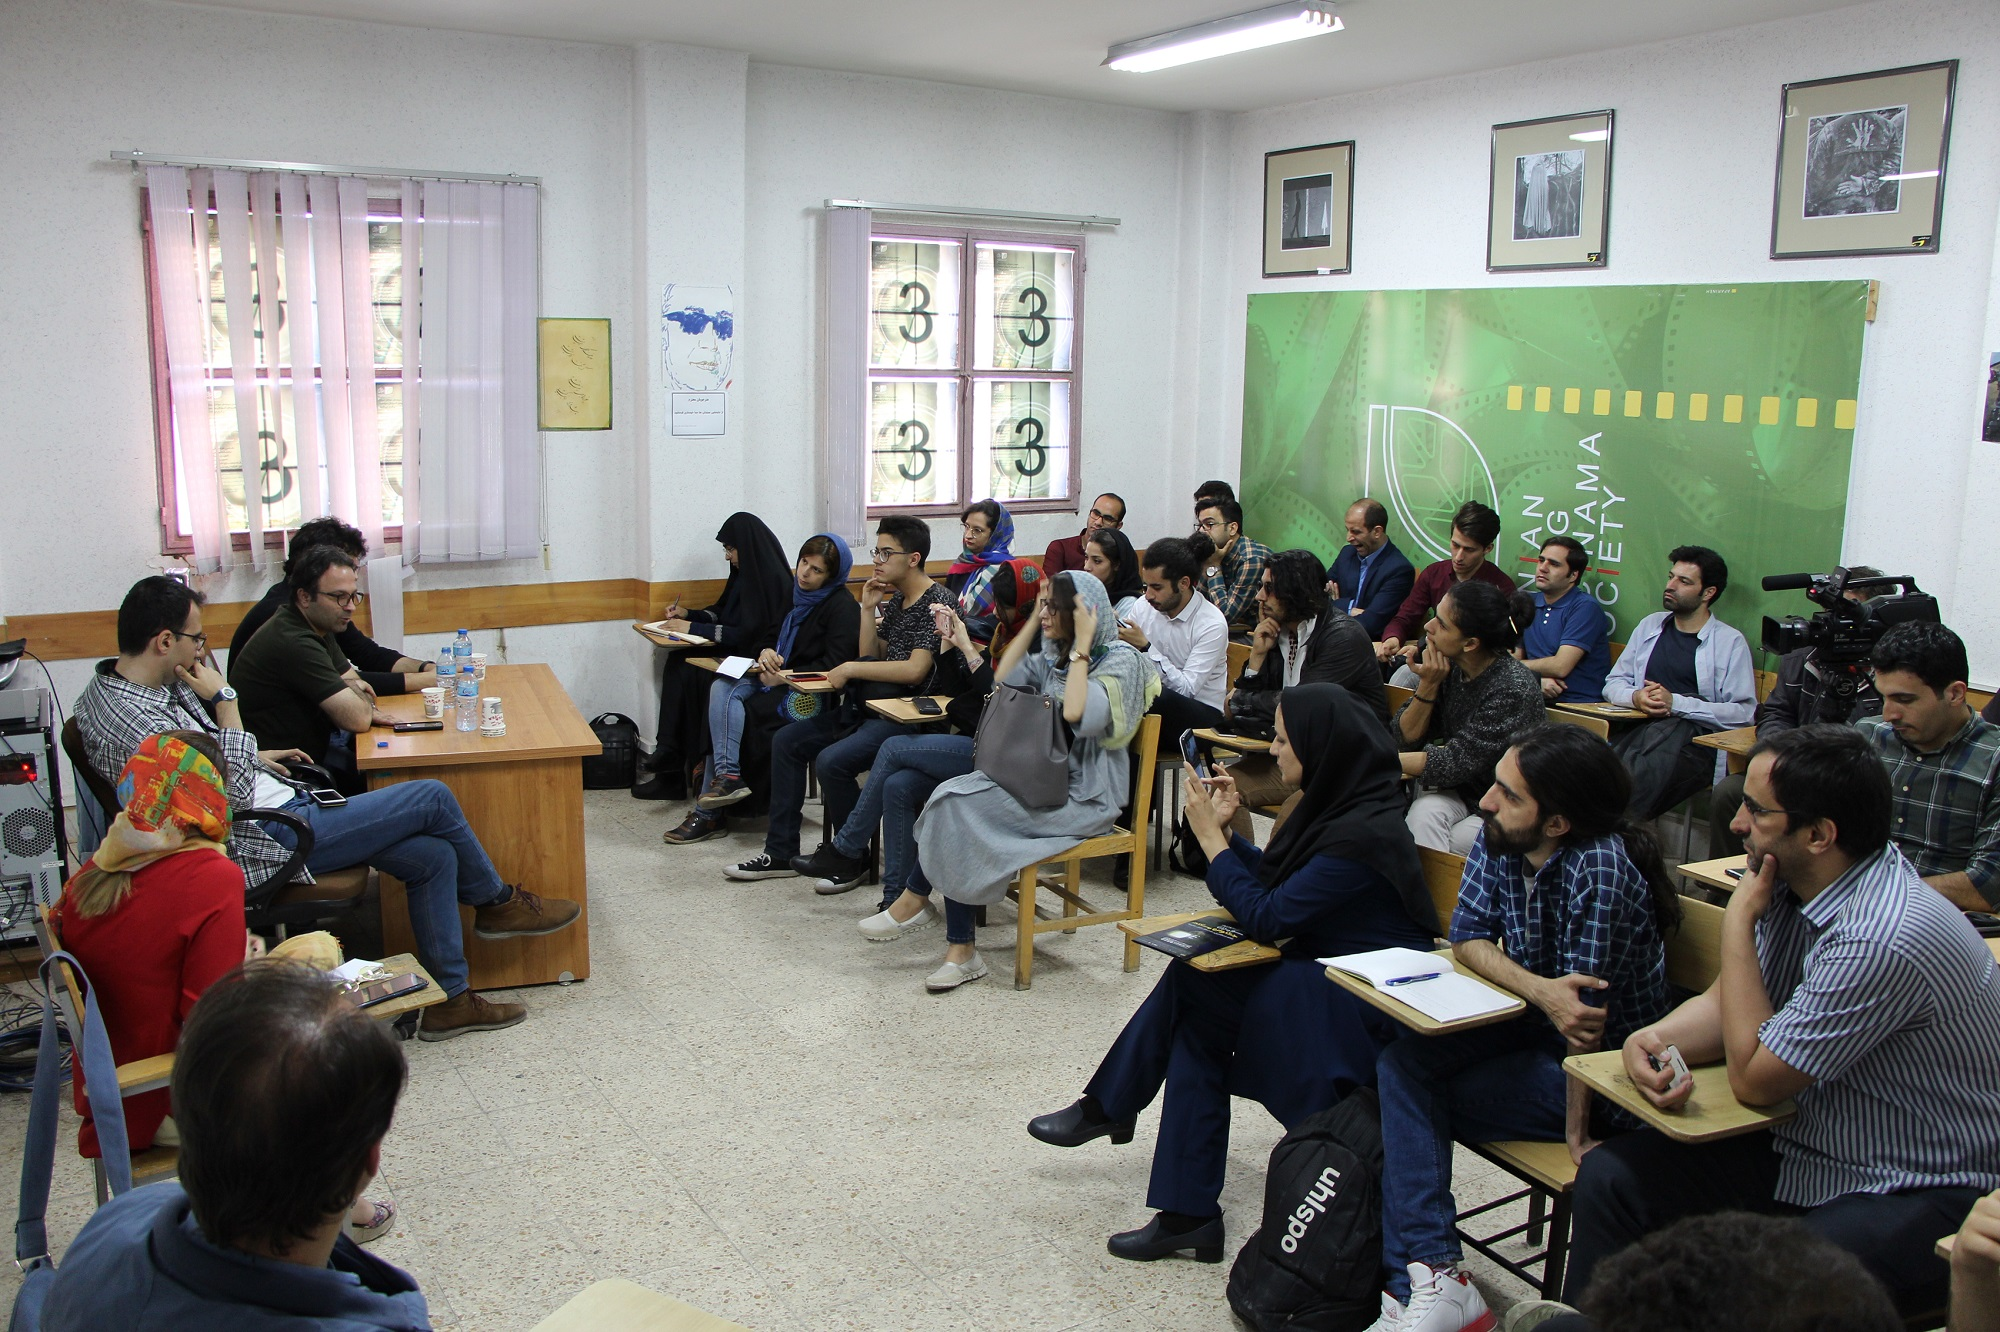 اکران «بهاریه فیلمهای کوتاه» هنر و تجربه در زنجان